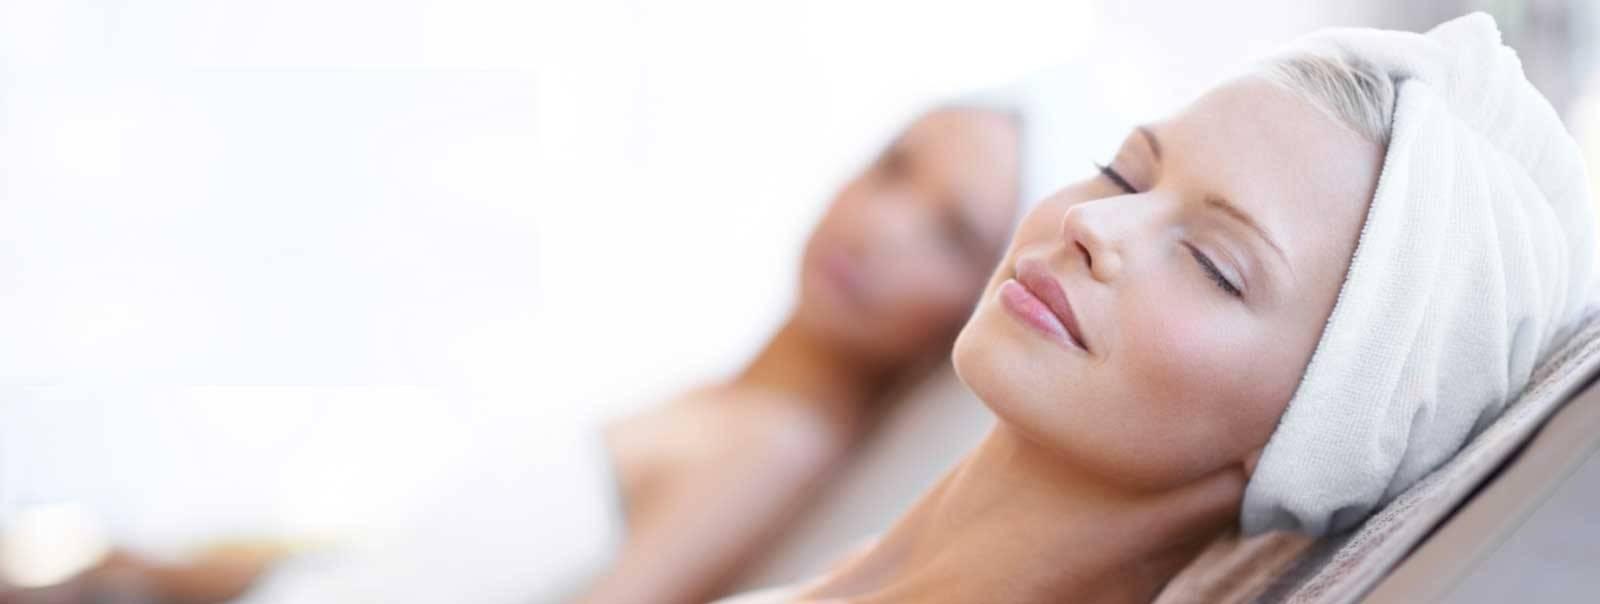 Massage mặt bằng nước muối nóng là cách làm mặt thon gọn trong 1 tuần hiệu quả